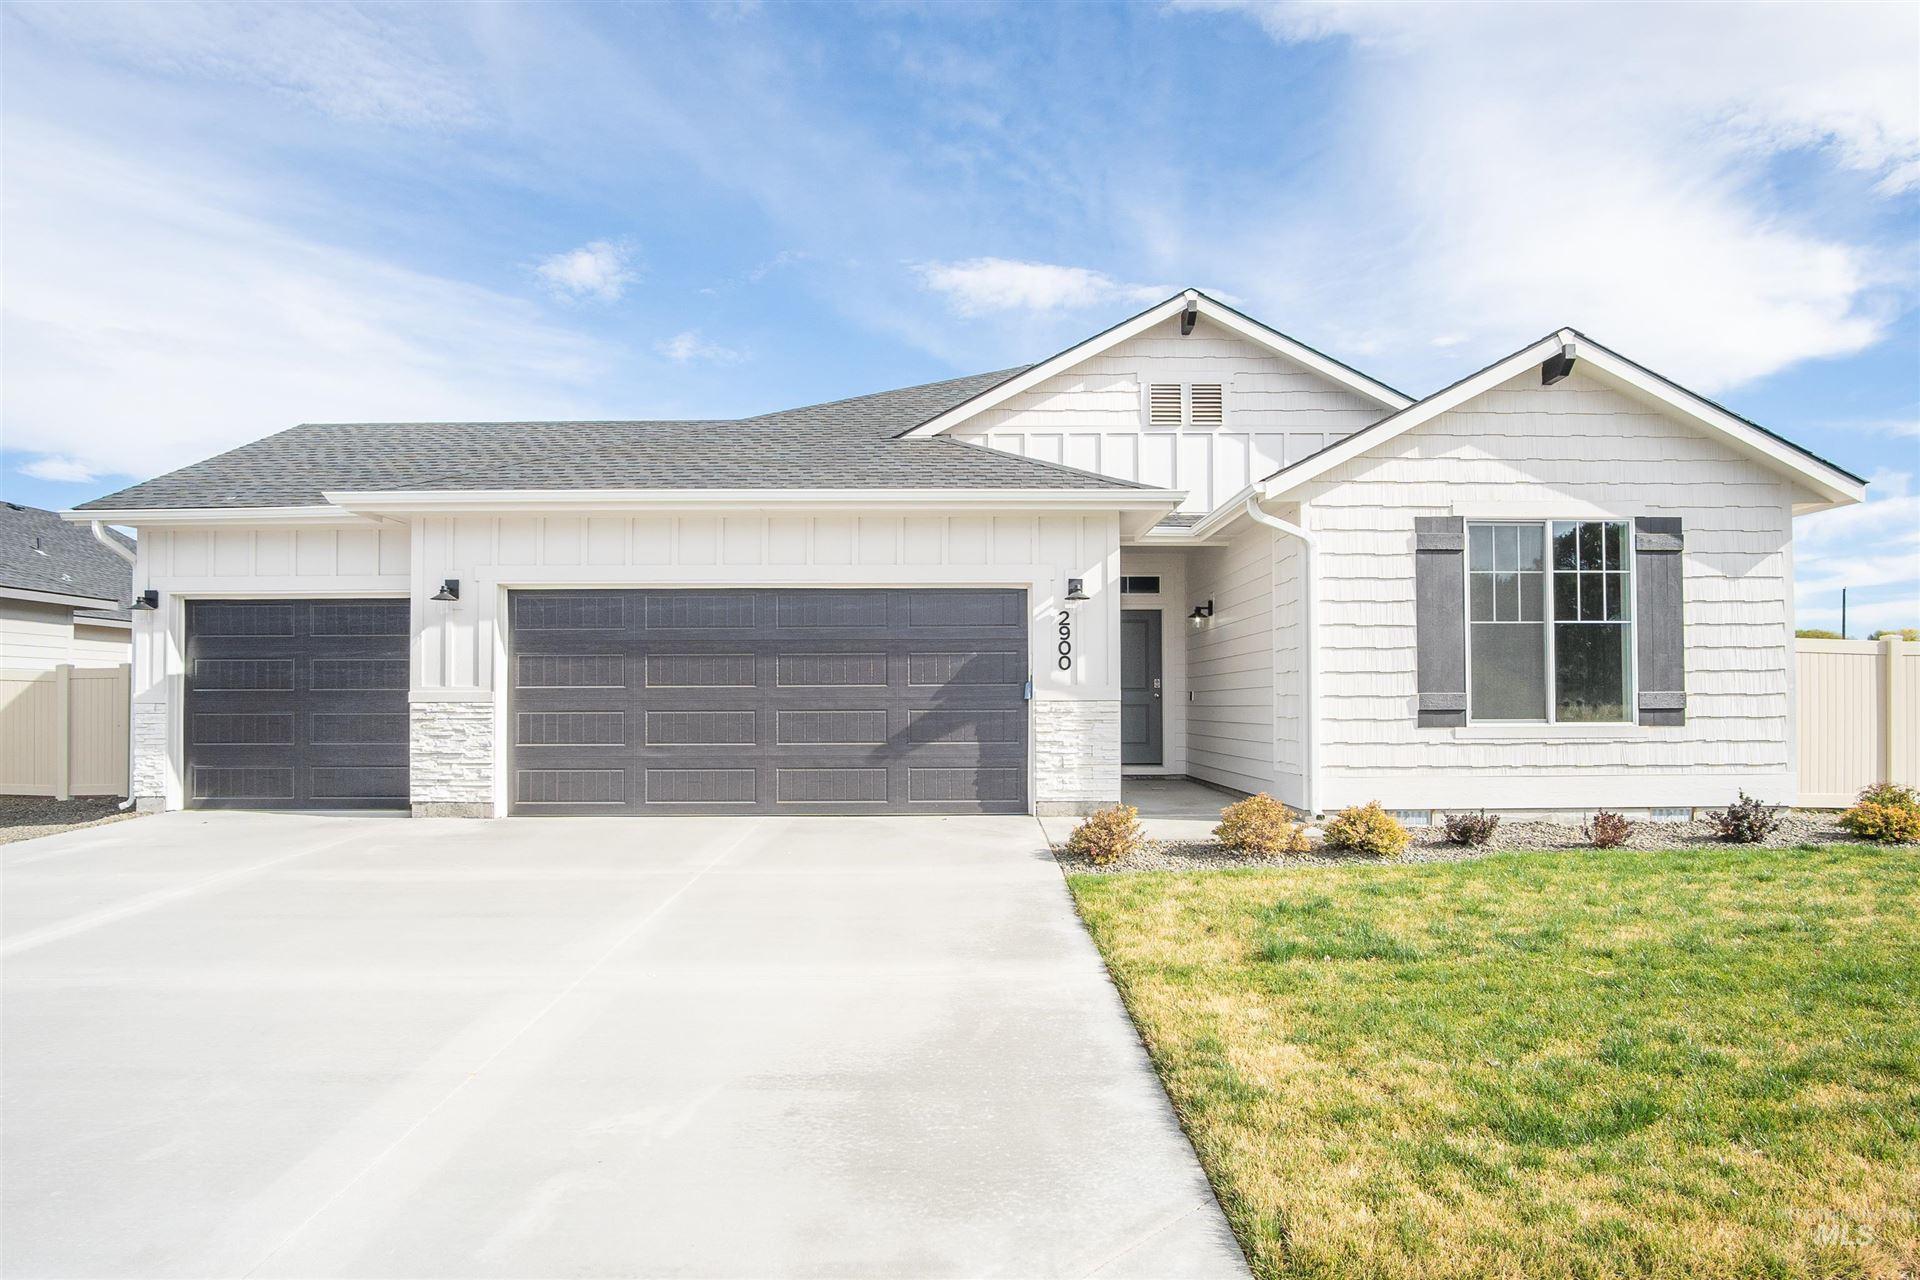 2900 N Sunset Farm Ave, Kuna, ID 83634 - MLS#: 98815197